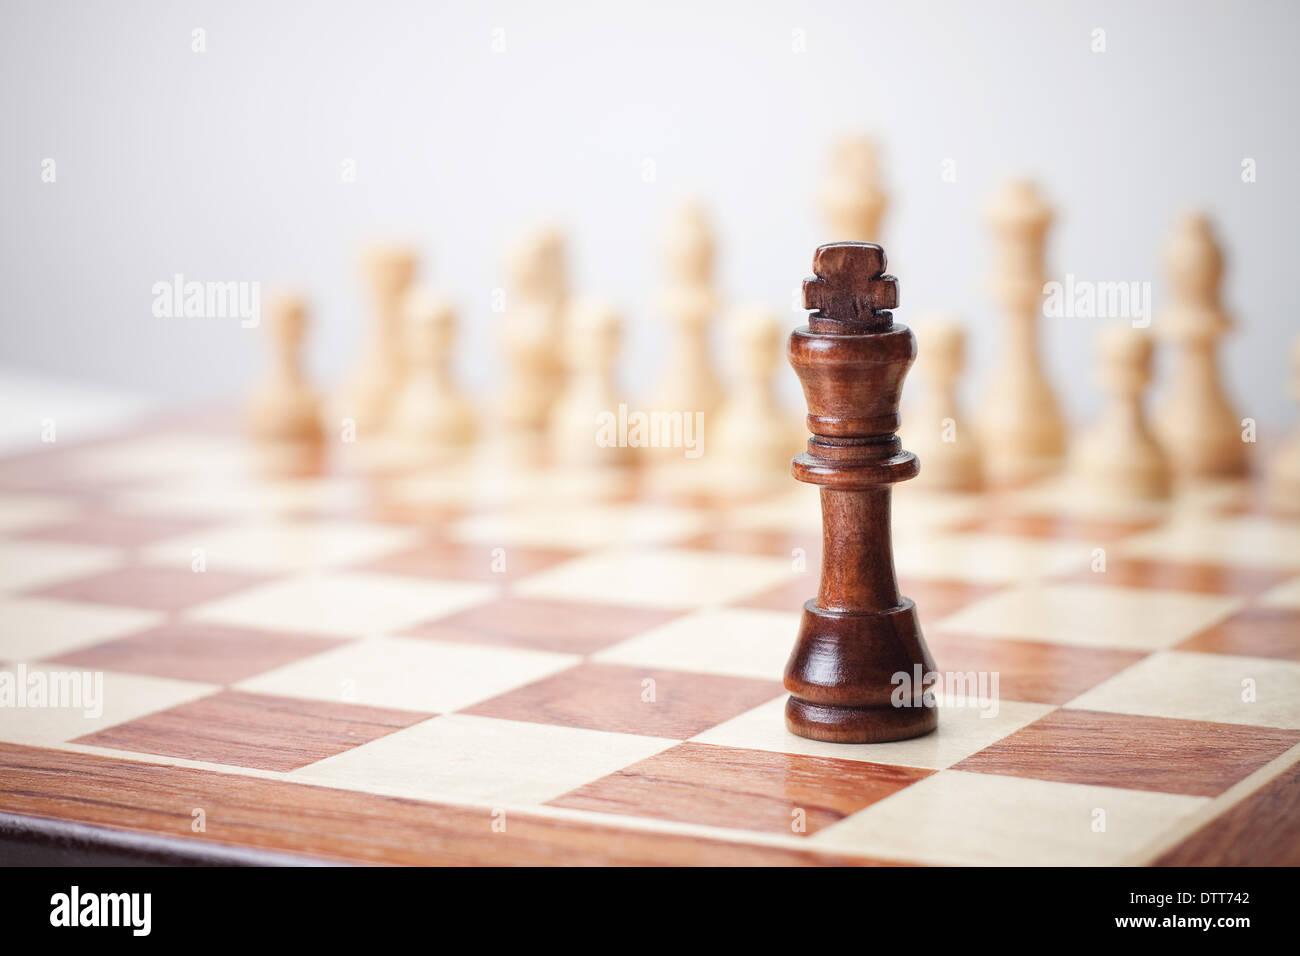 Concetto di scacchi su sfondo grigio Immagini Stock